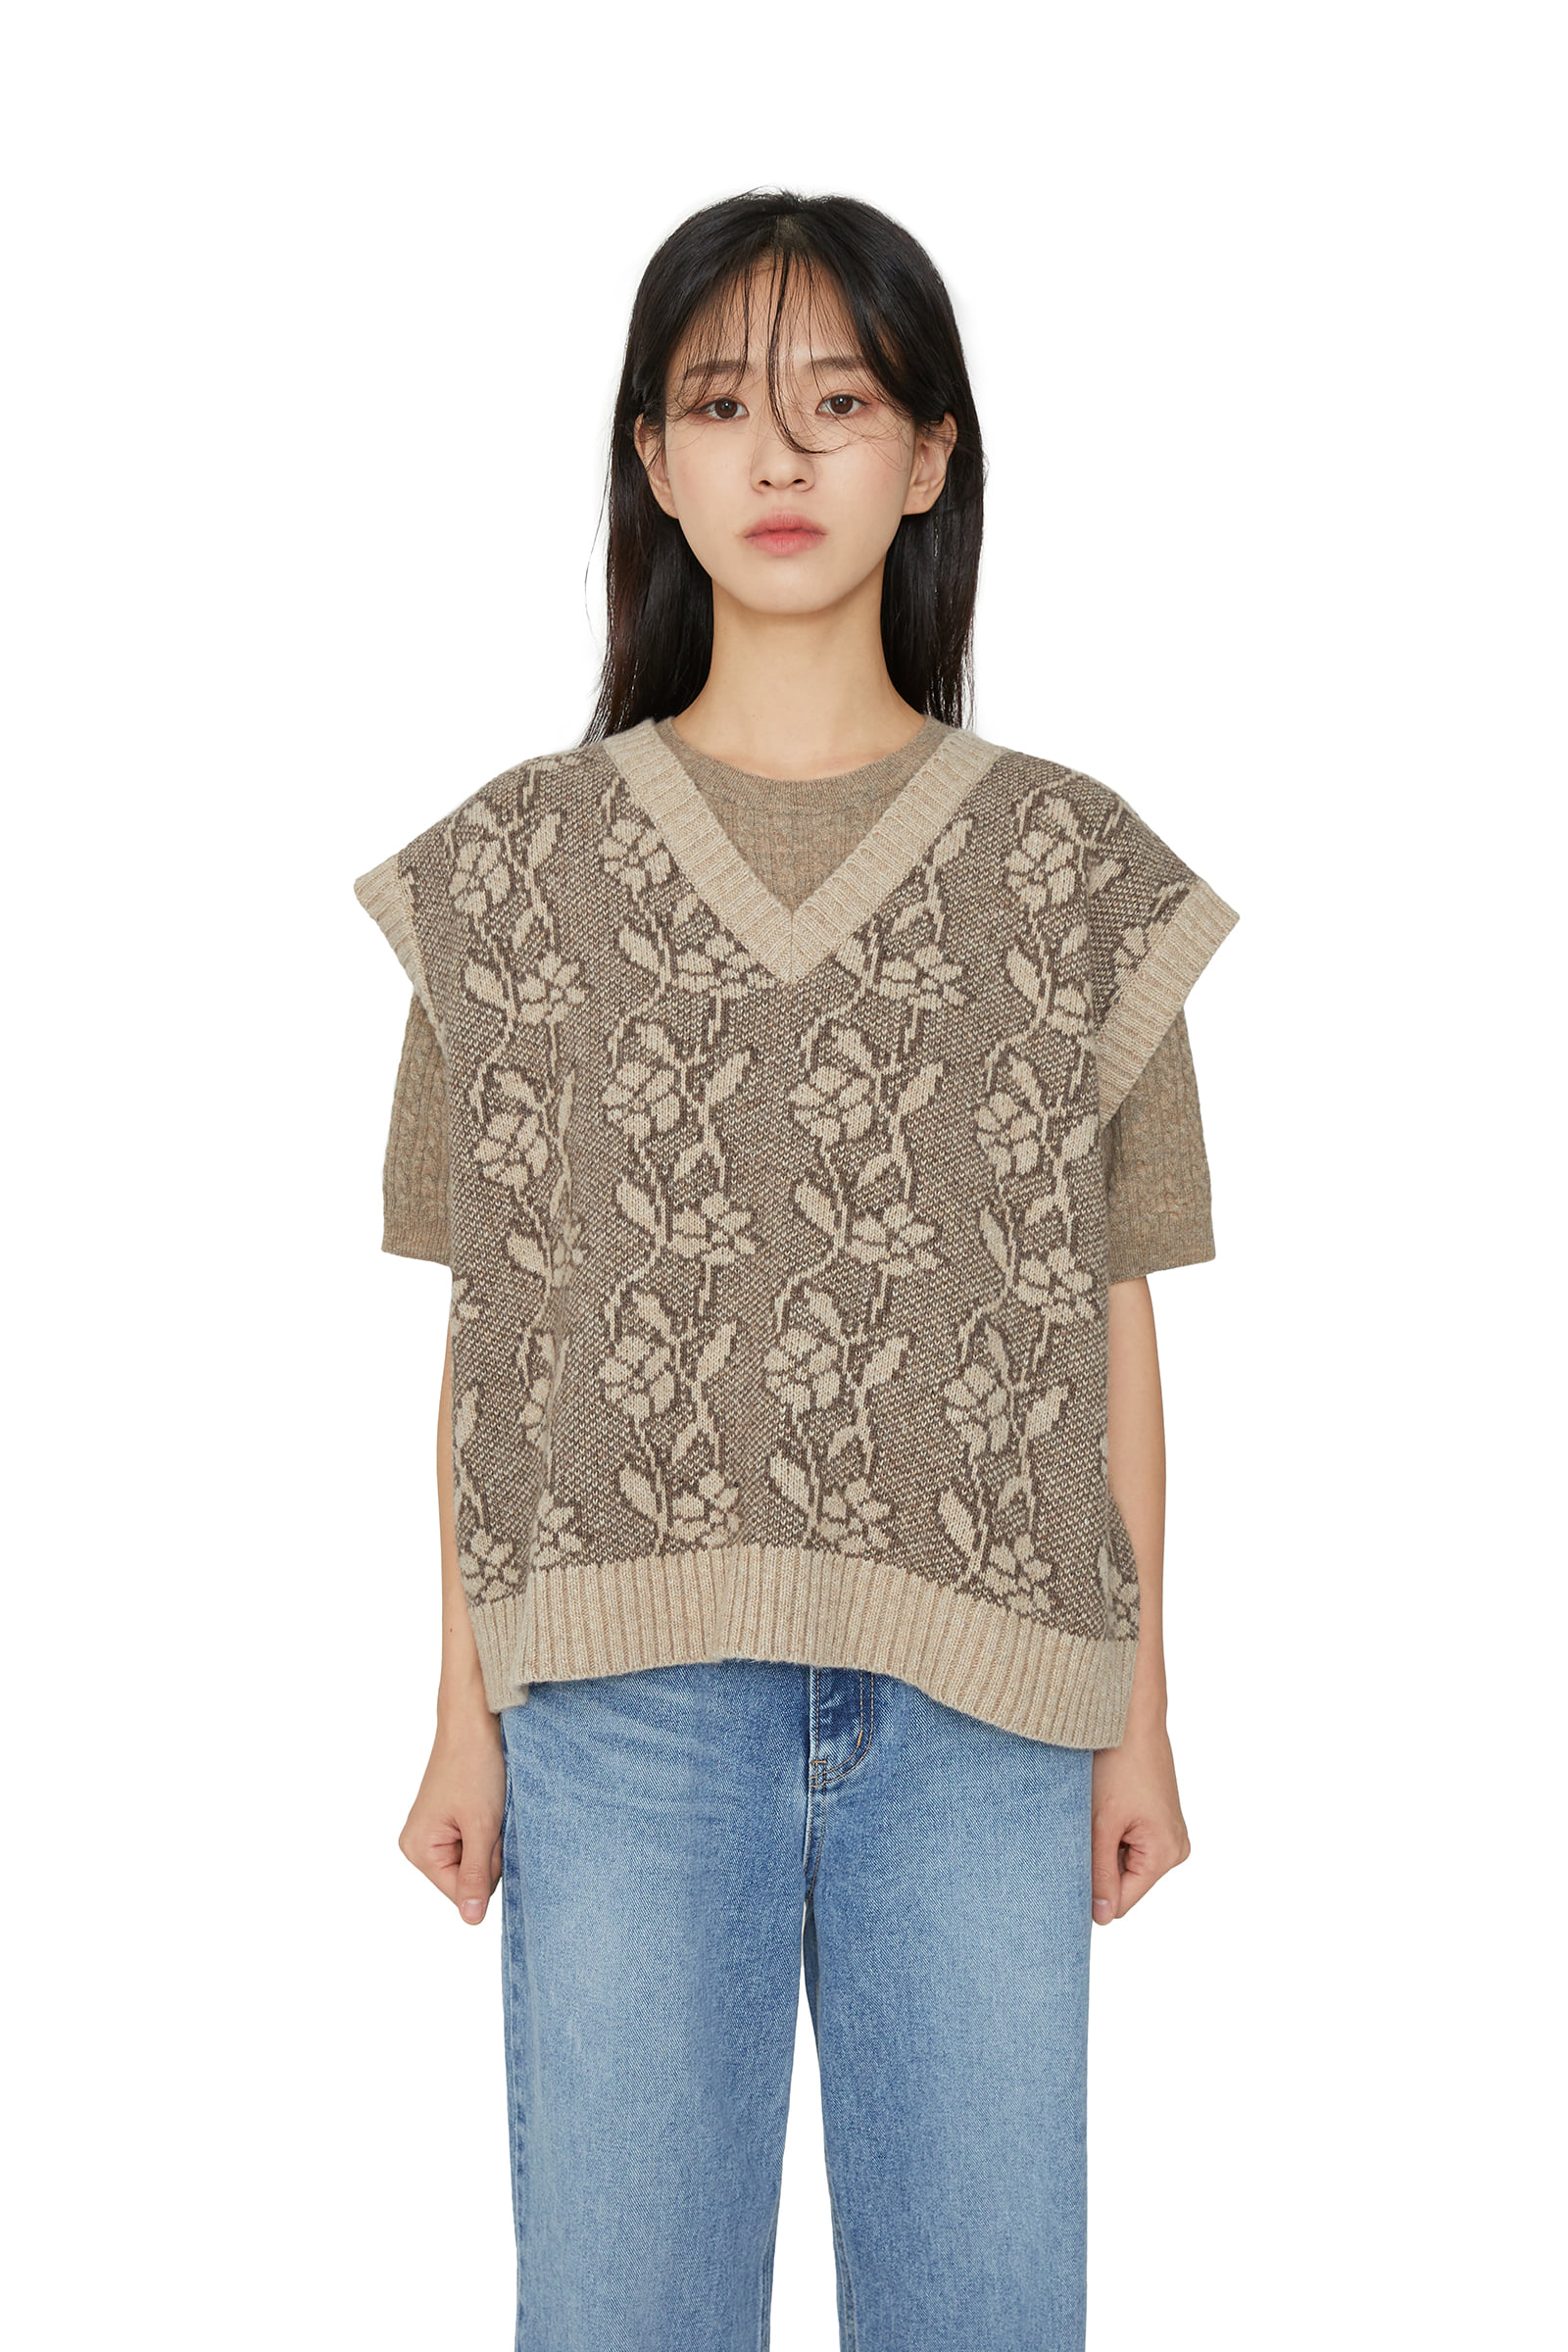 Flower pattern V-neck knit vest